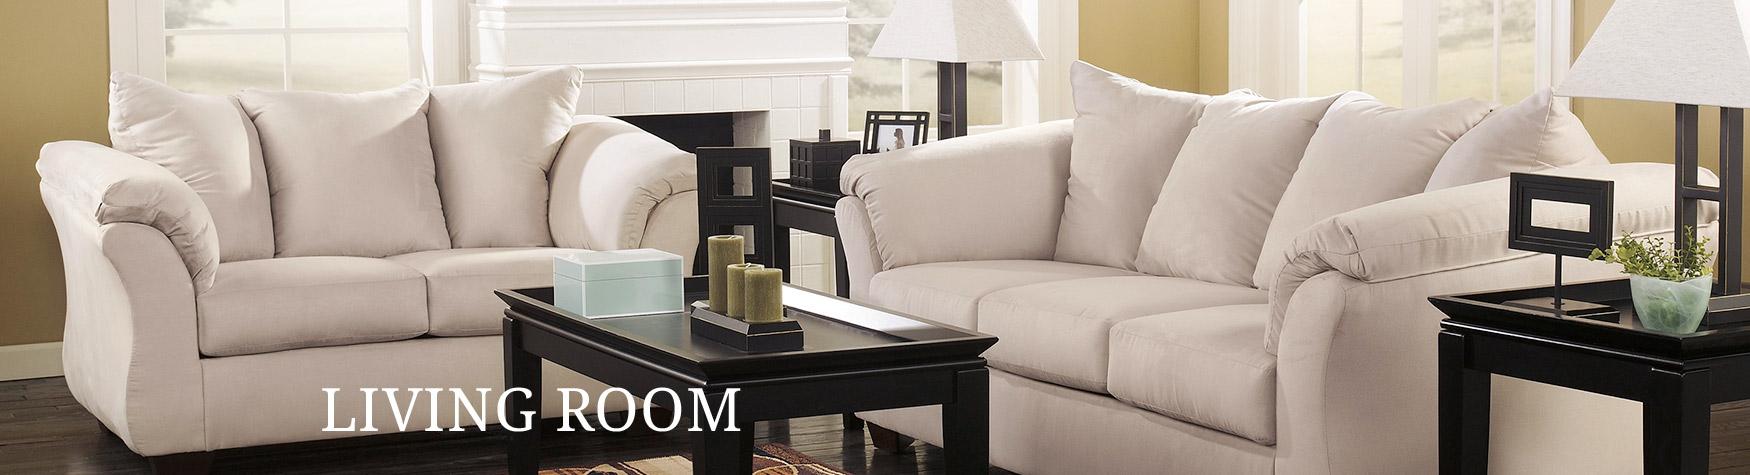 living-room-banner-1.jpg